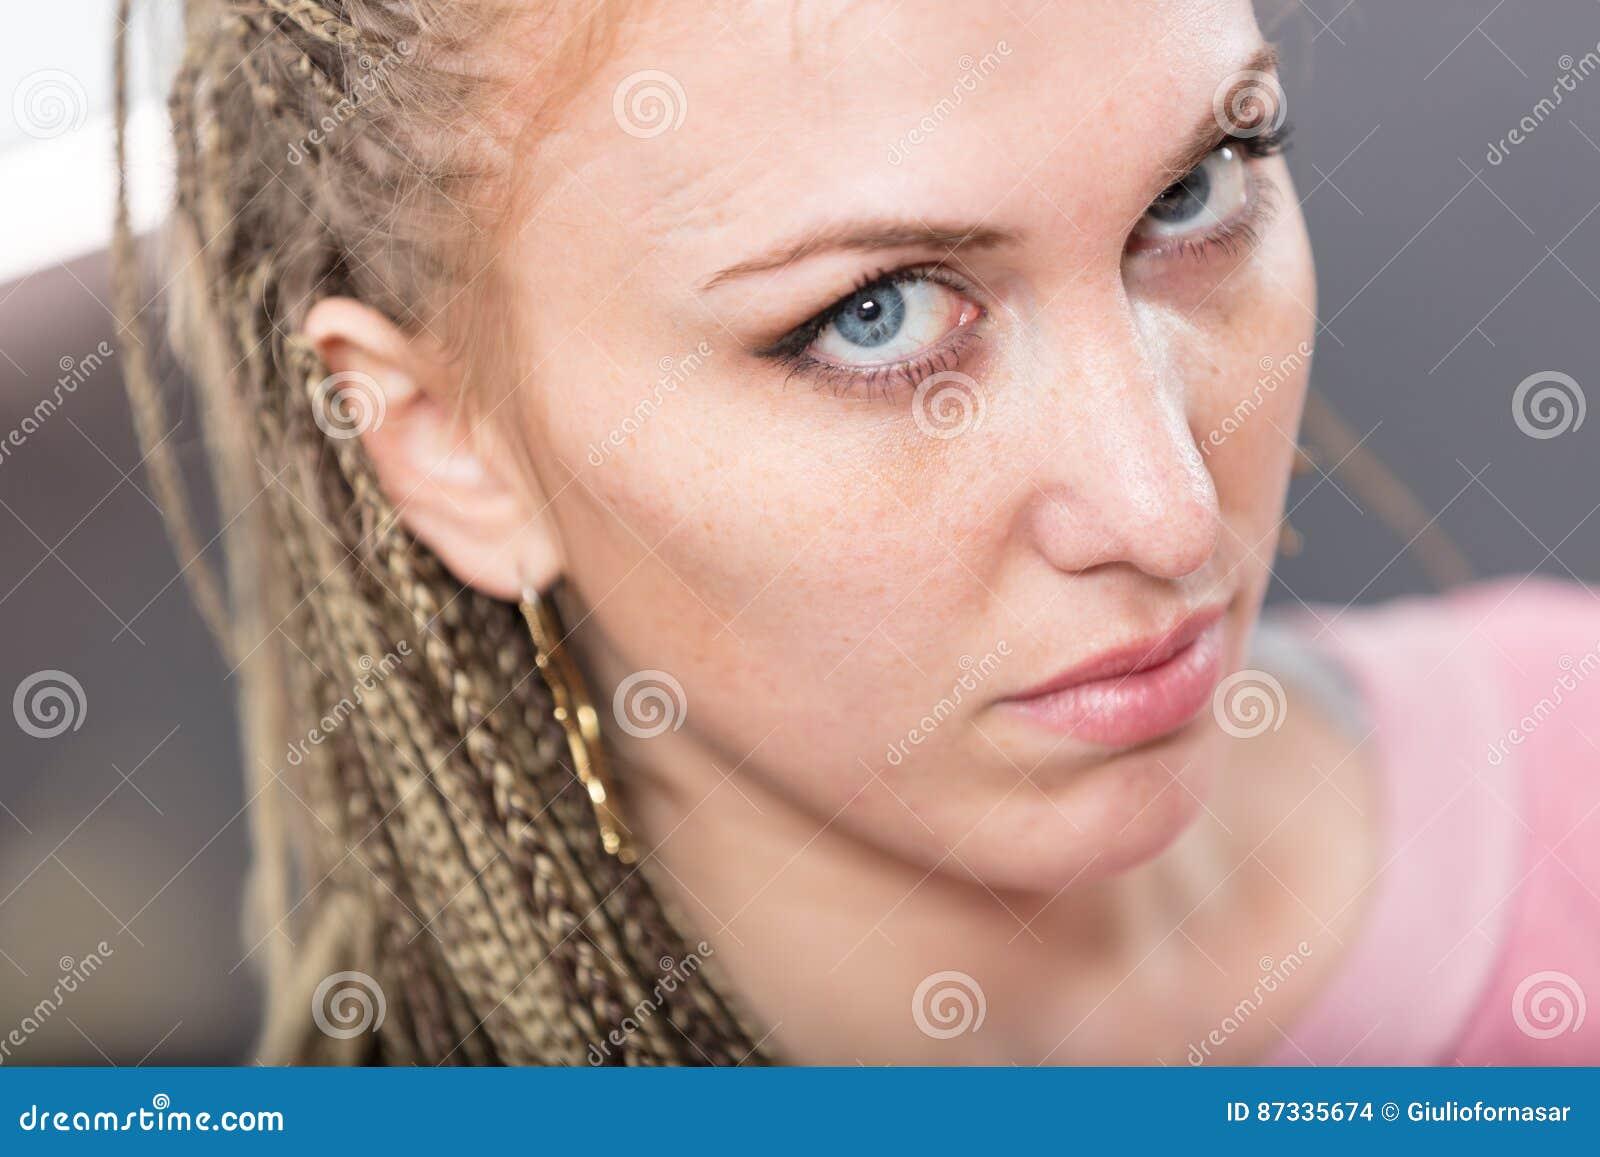 Woman on dreadlocks intense look